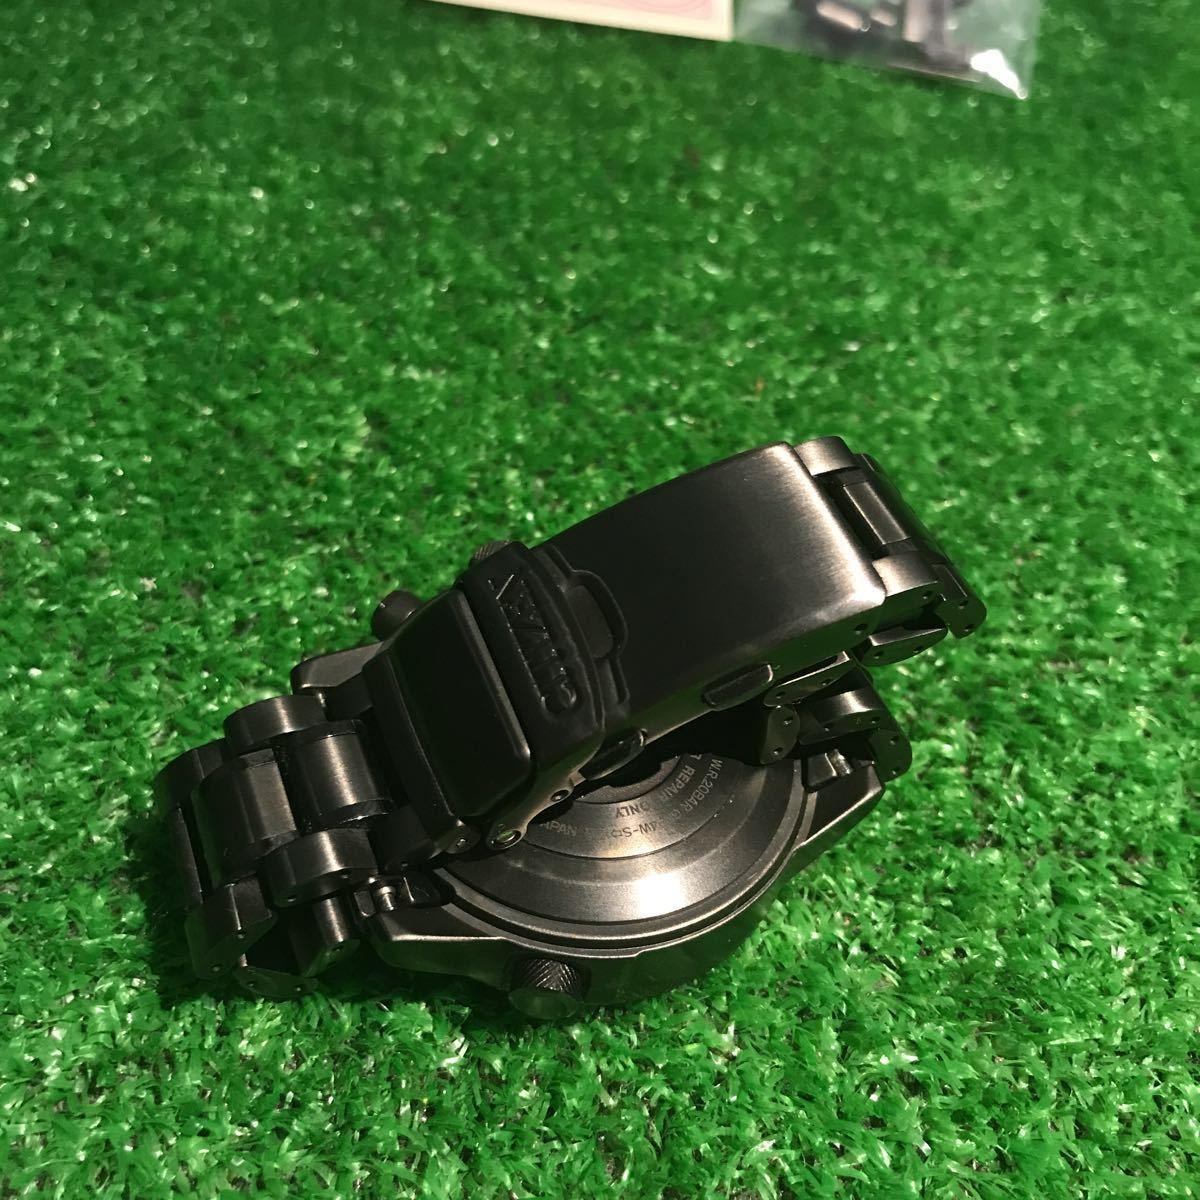 新品同様1円~ 試着程度 シチズン U680-T019692 プロマスター チタン ソーラー 電波時計 アナデジ メンズ腕時計 60サイズ (62)_画像5